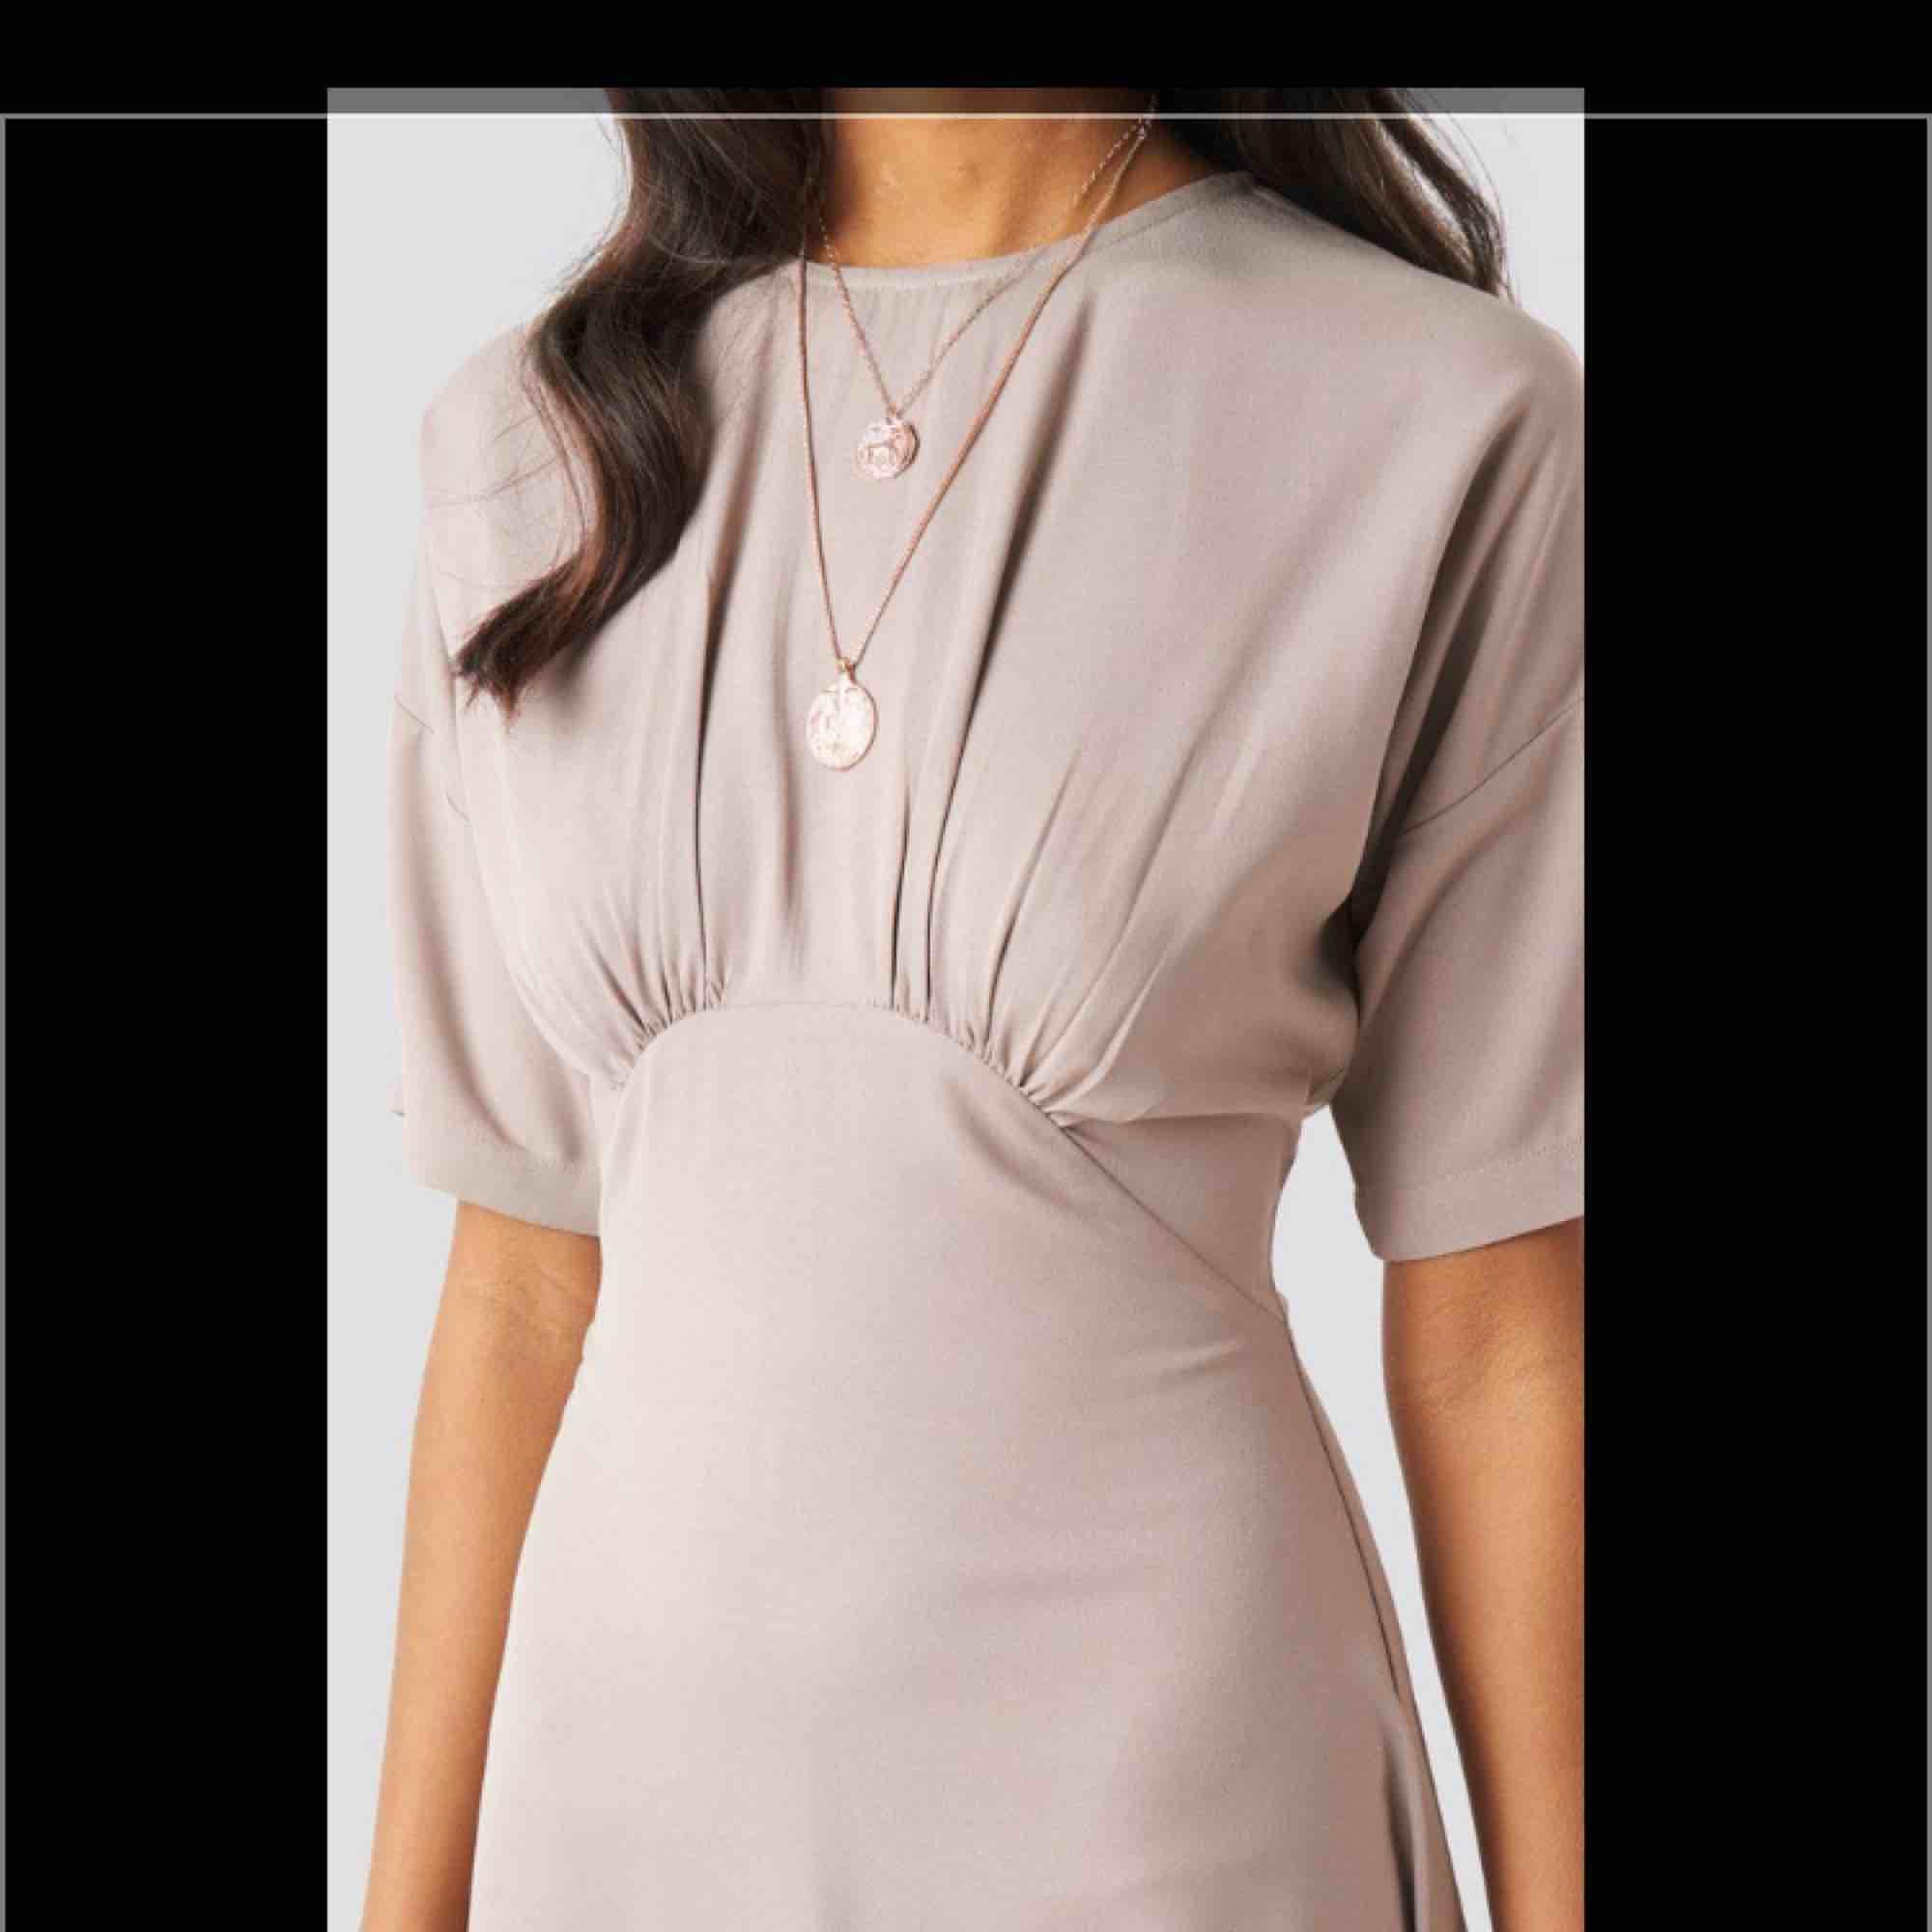 """""""Gathered Detail Midi Dress Begie"""" från na-kd. den e riktigt nice och ger en jättefin form. helt oanvänd, lappen e kvar! kostar 449 på hemsidan, men säljer för 299 inkl frakt❤️pris kan diskuteras vid snabb affär. Klänningar."""